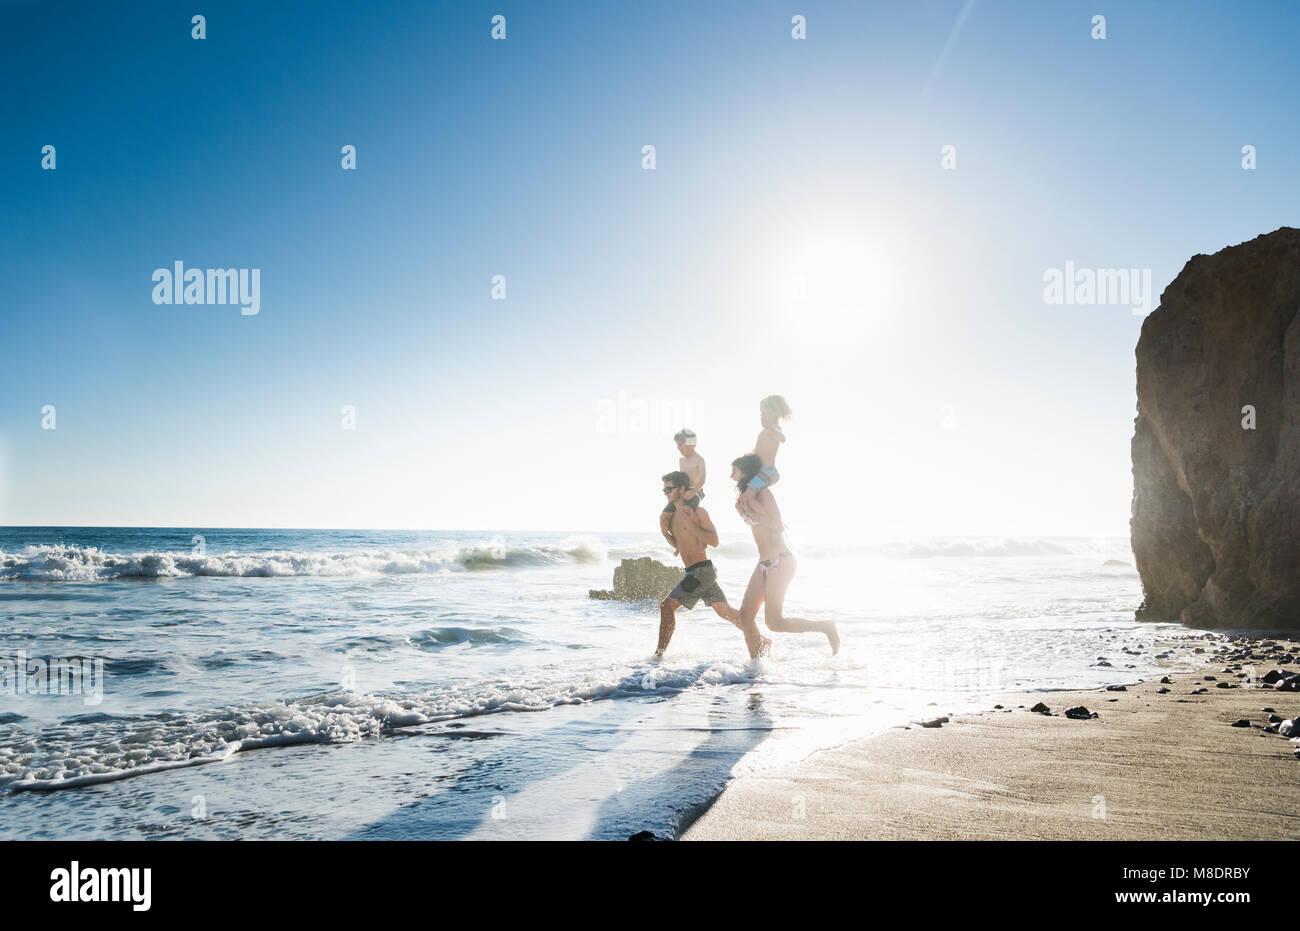 Family playing on El Matador Beach, Malibu, USA - Stock Image